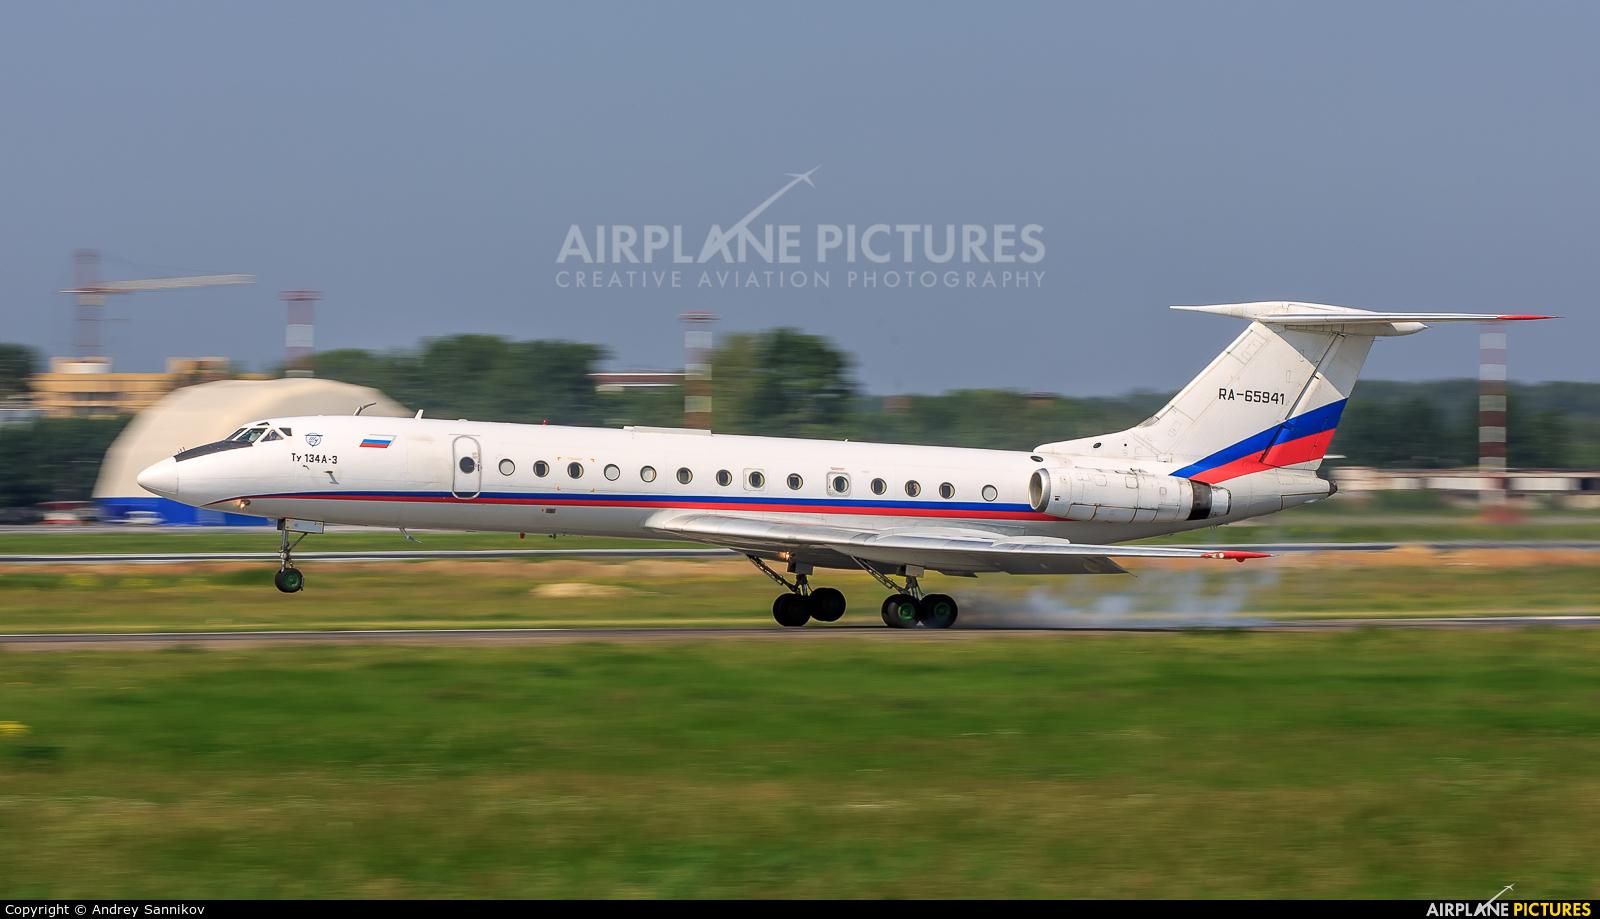 Rusjet Aircompany RA-65941 aircraft at Koltsovo - Ekaterinburg